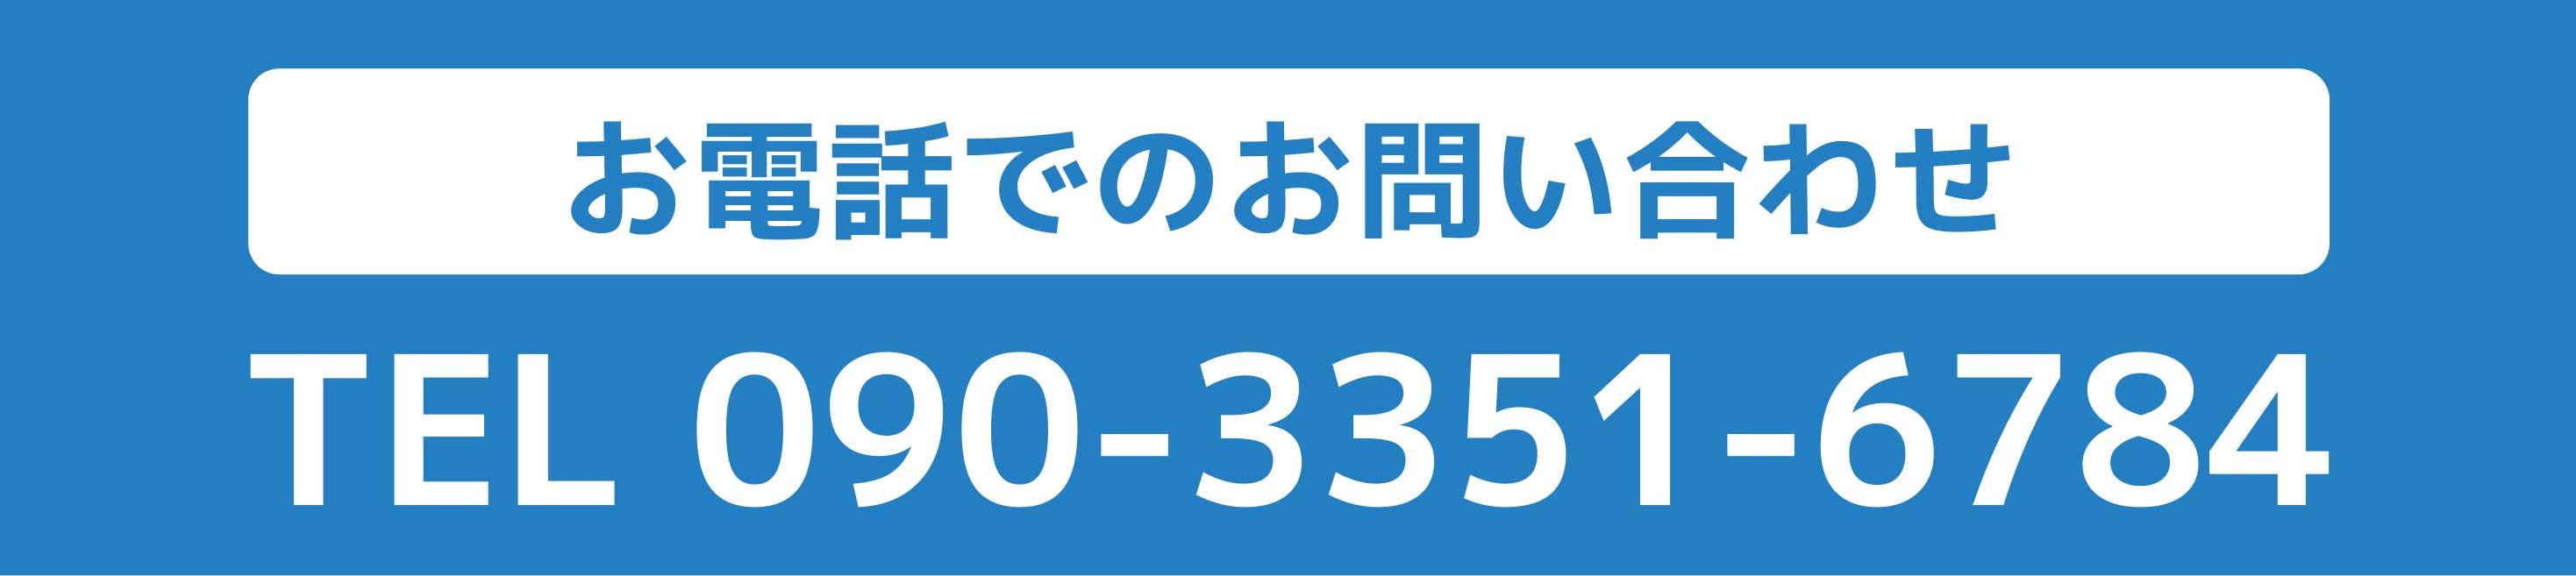 電話でのお問合せ ☎090-3351-6784 スマートフォンをご利用の場合、こちらをタップすることで電話をかけることができます